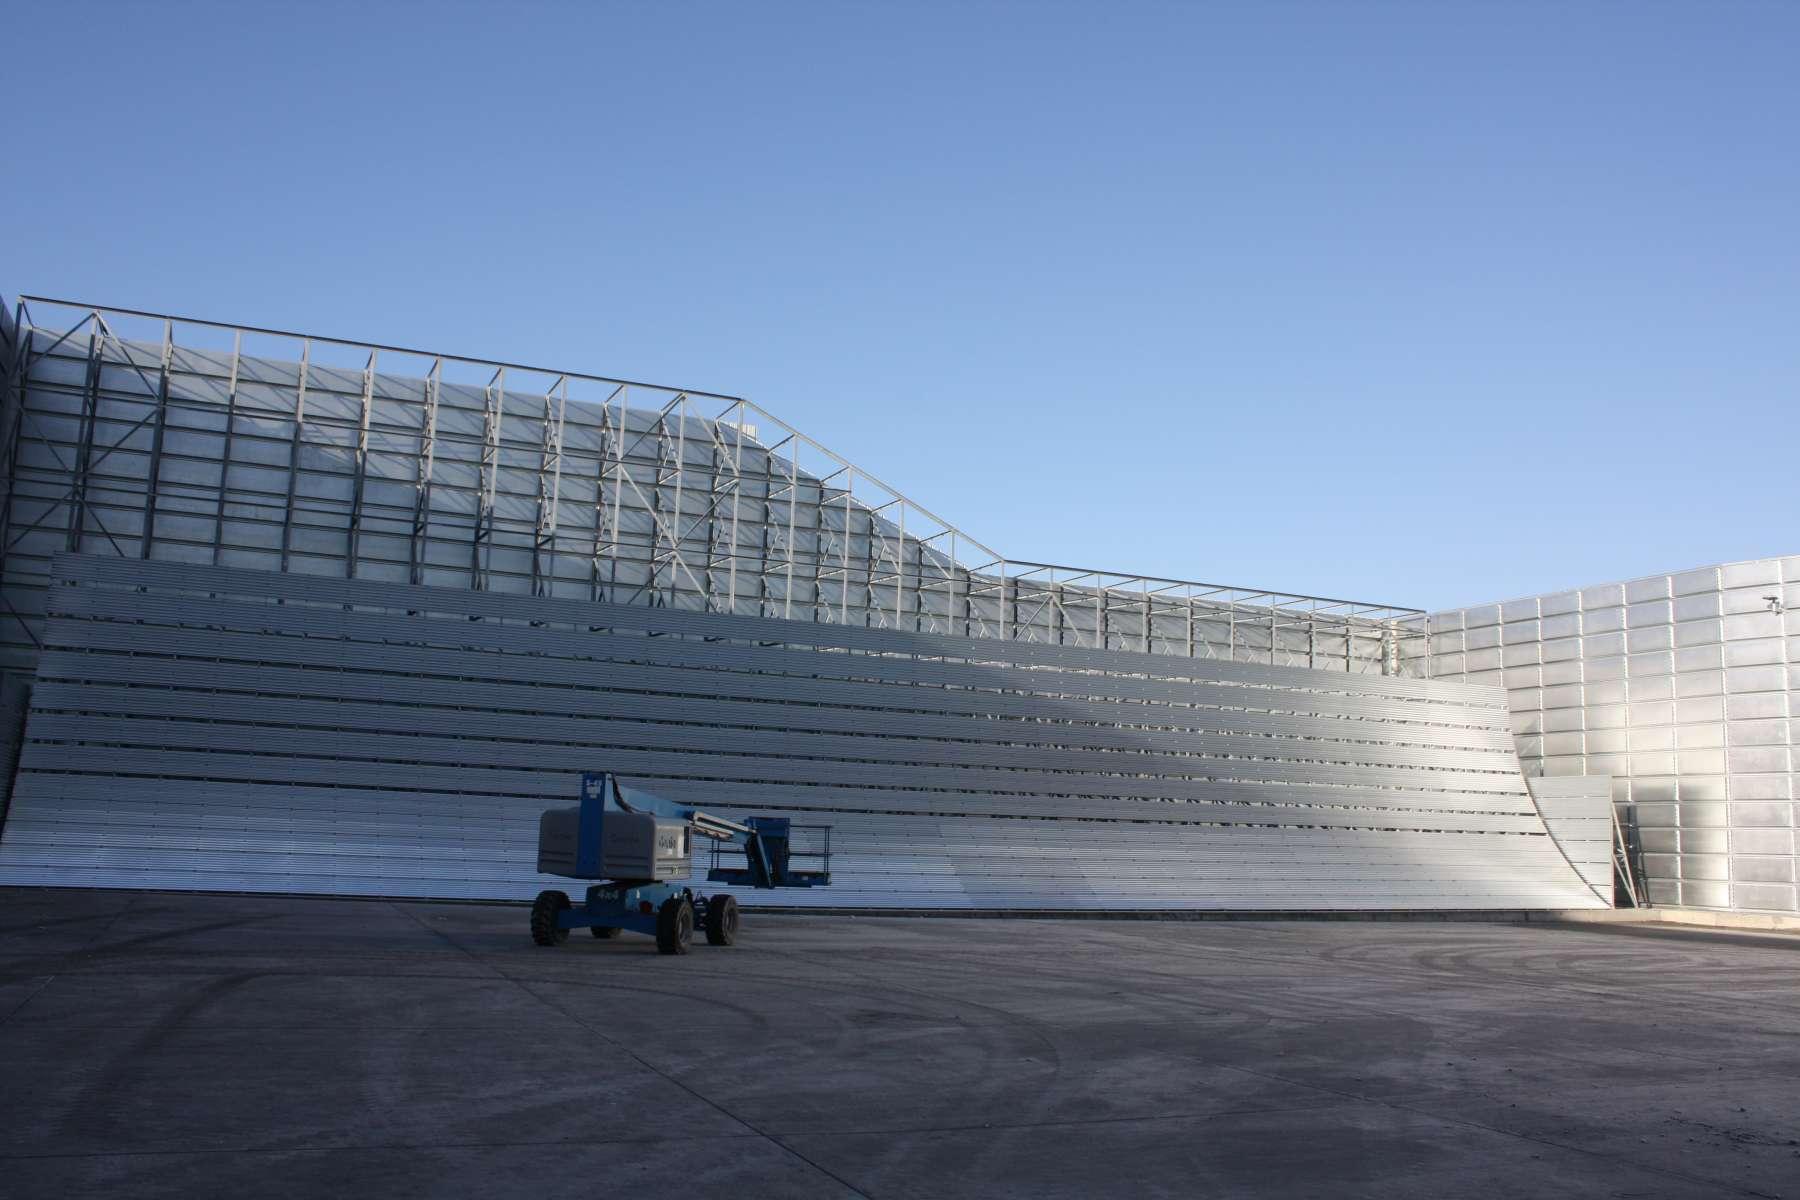 YVR airport prefab steel buildings bc steel buildings bc prefabricated metal buildings canada